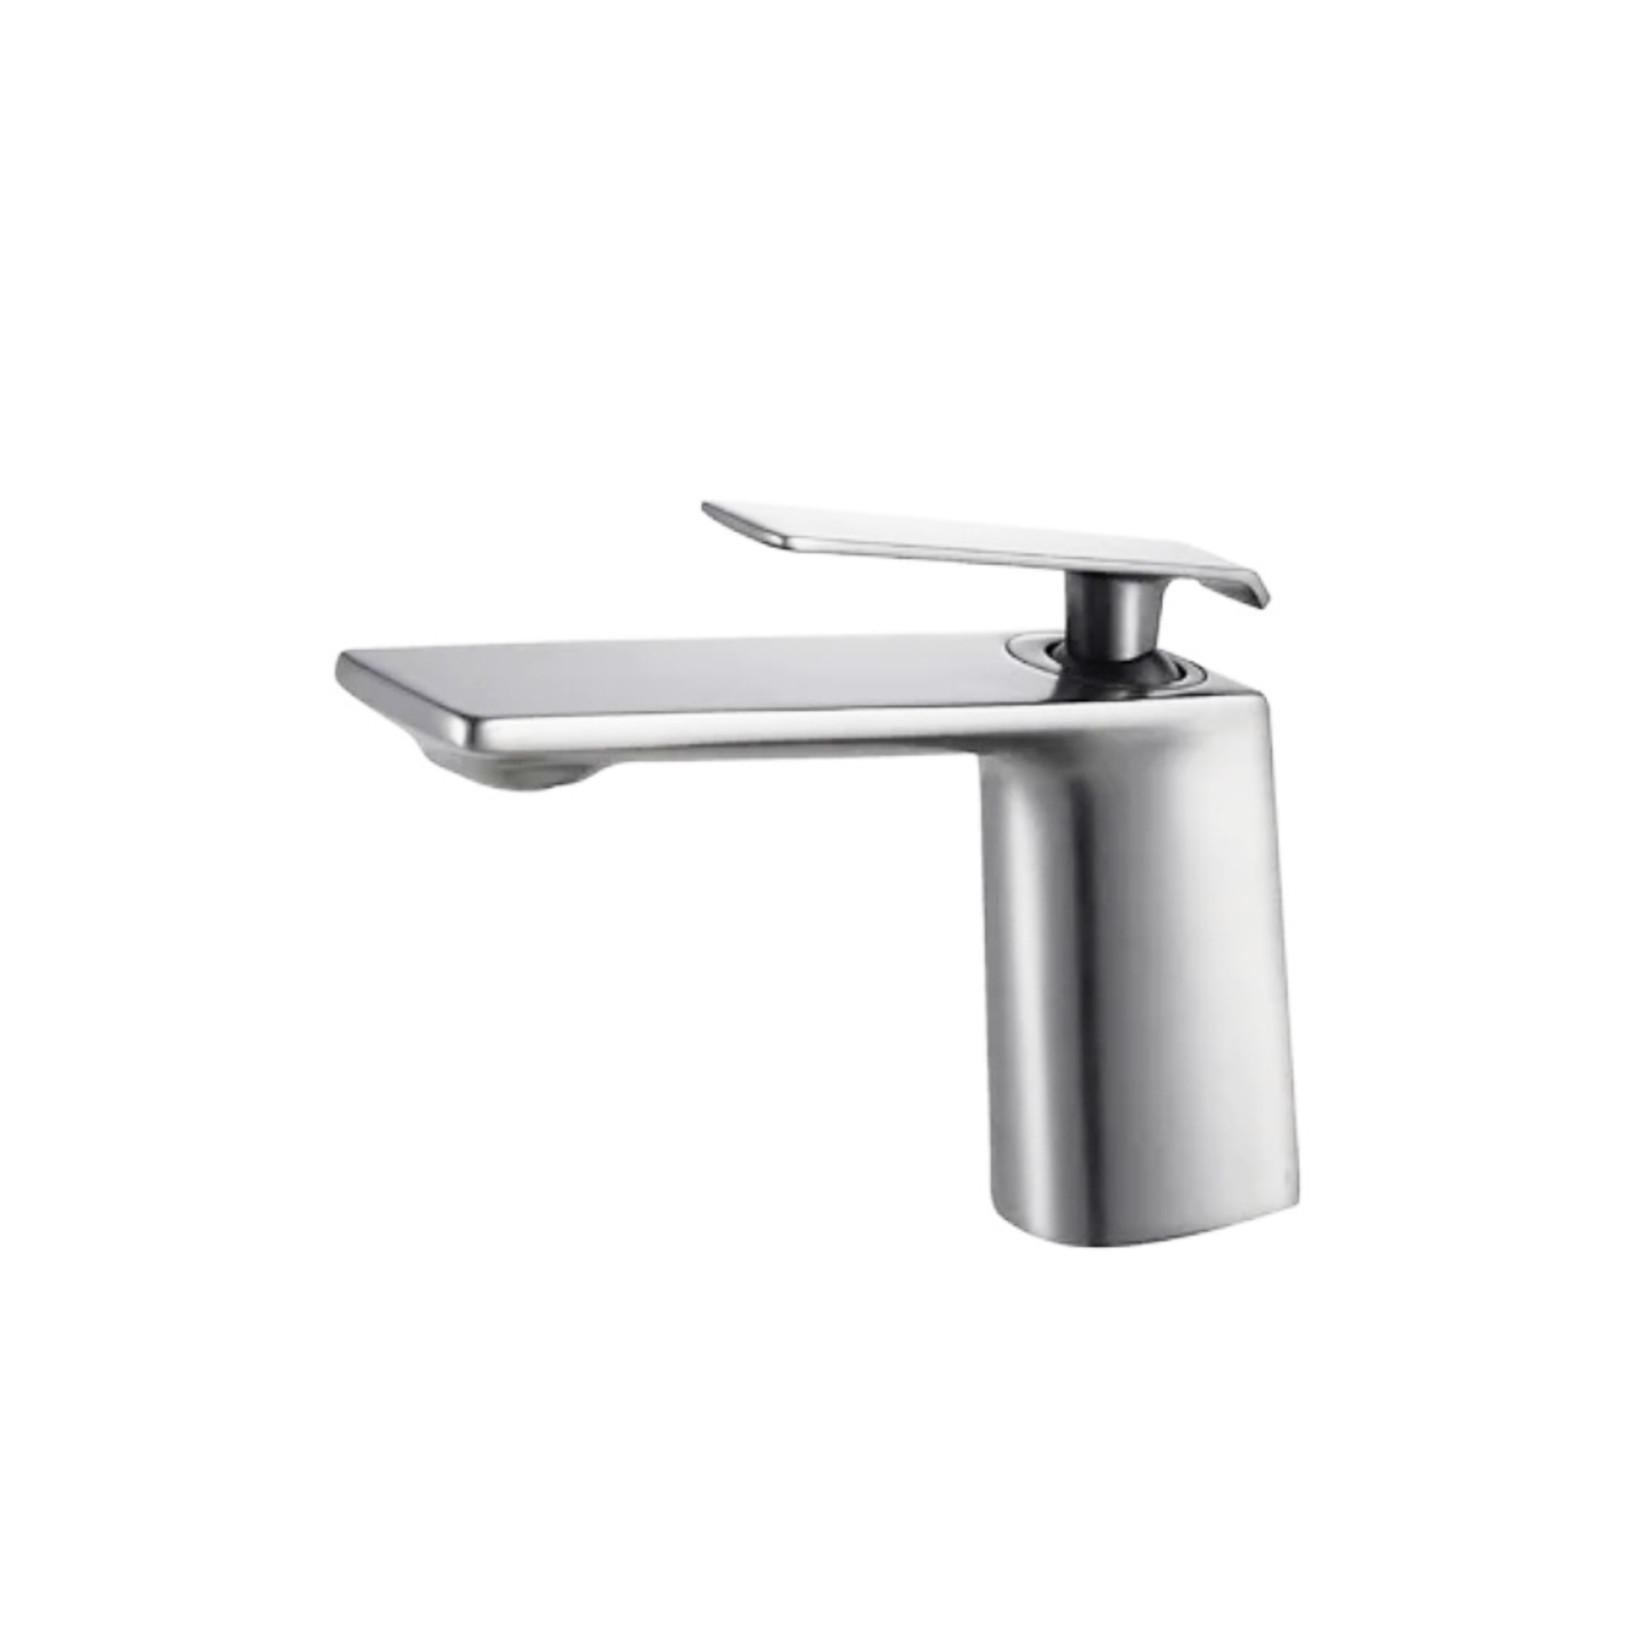 Robinet de lavabo chrome B284-01-CM Nortrends